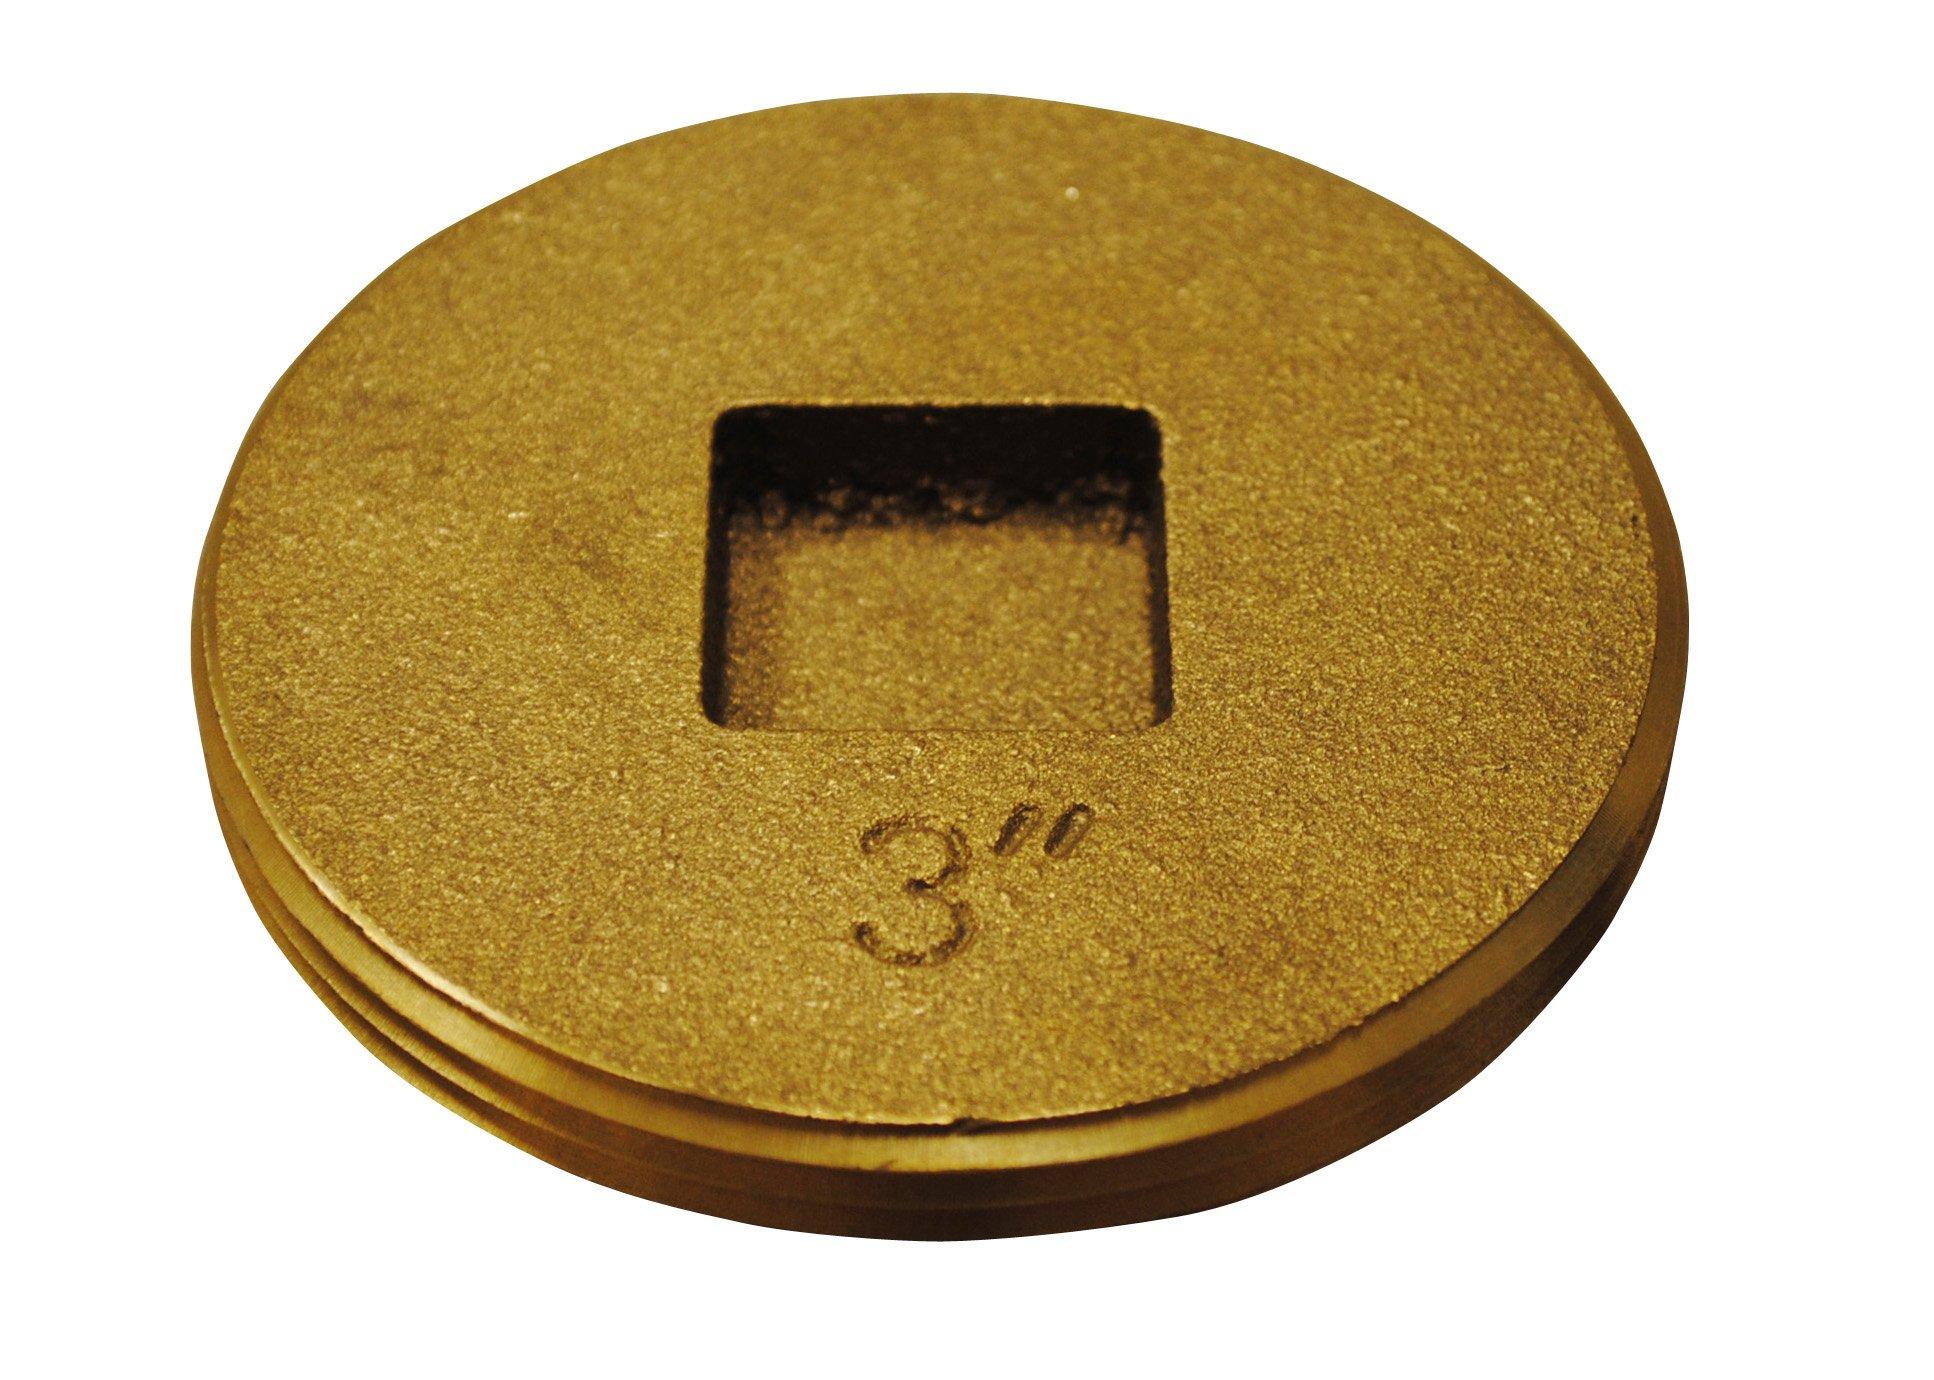 Oatey 42743 Brass Cleanout Plug, 3-Inch